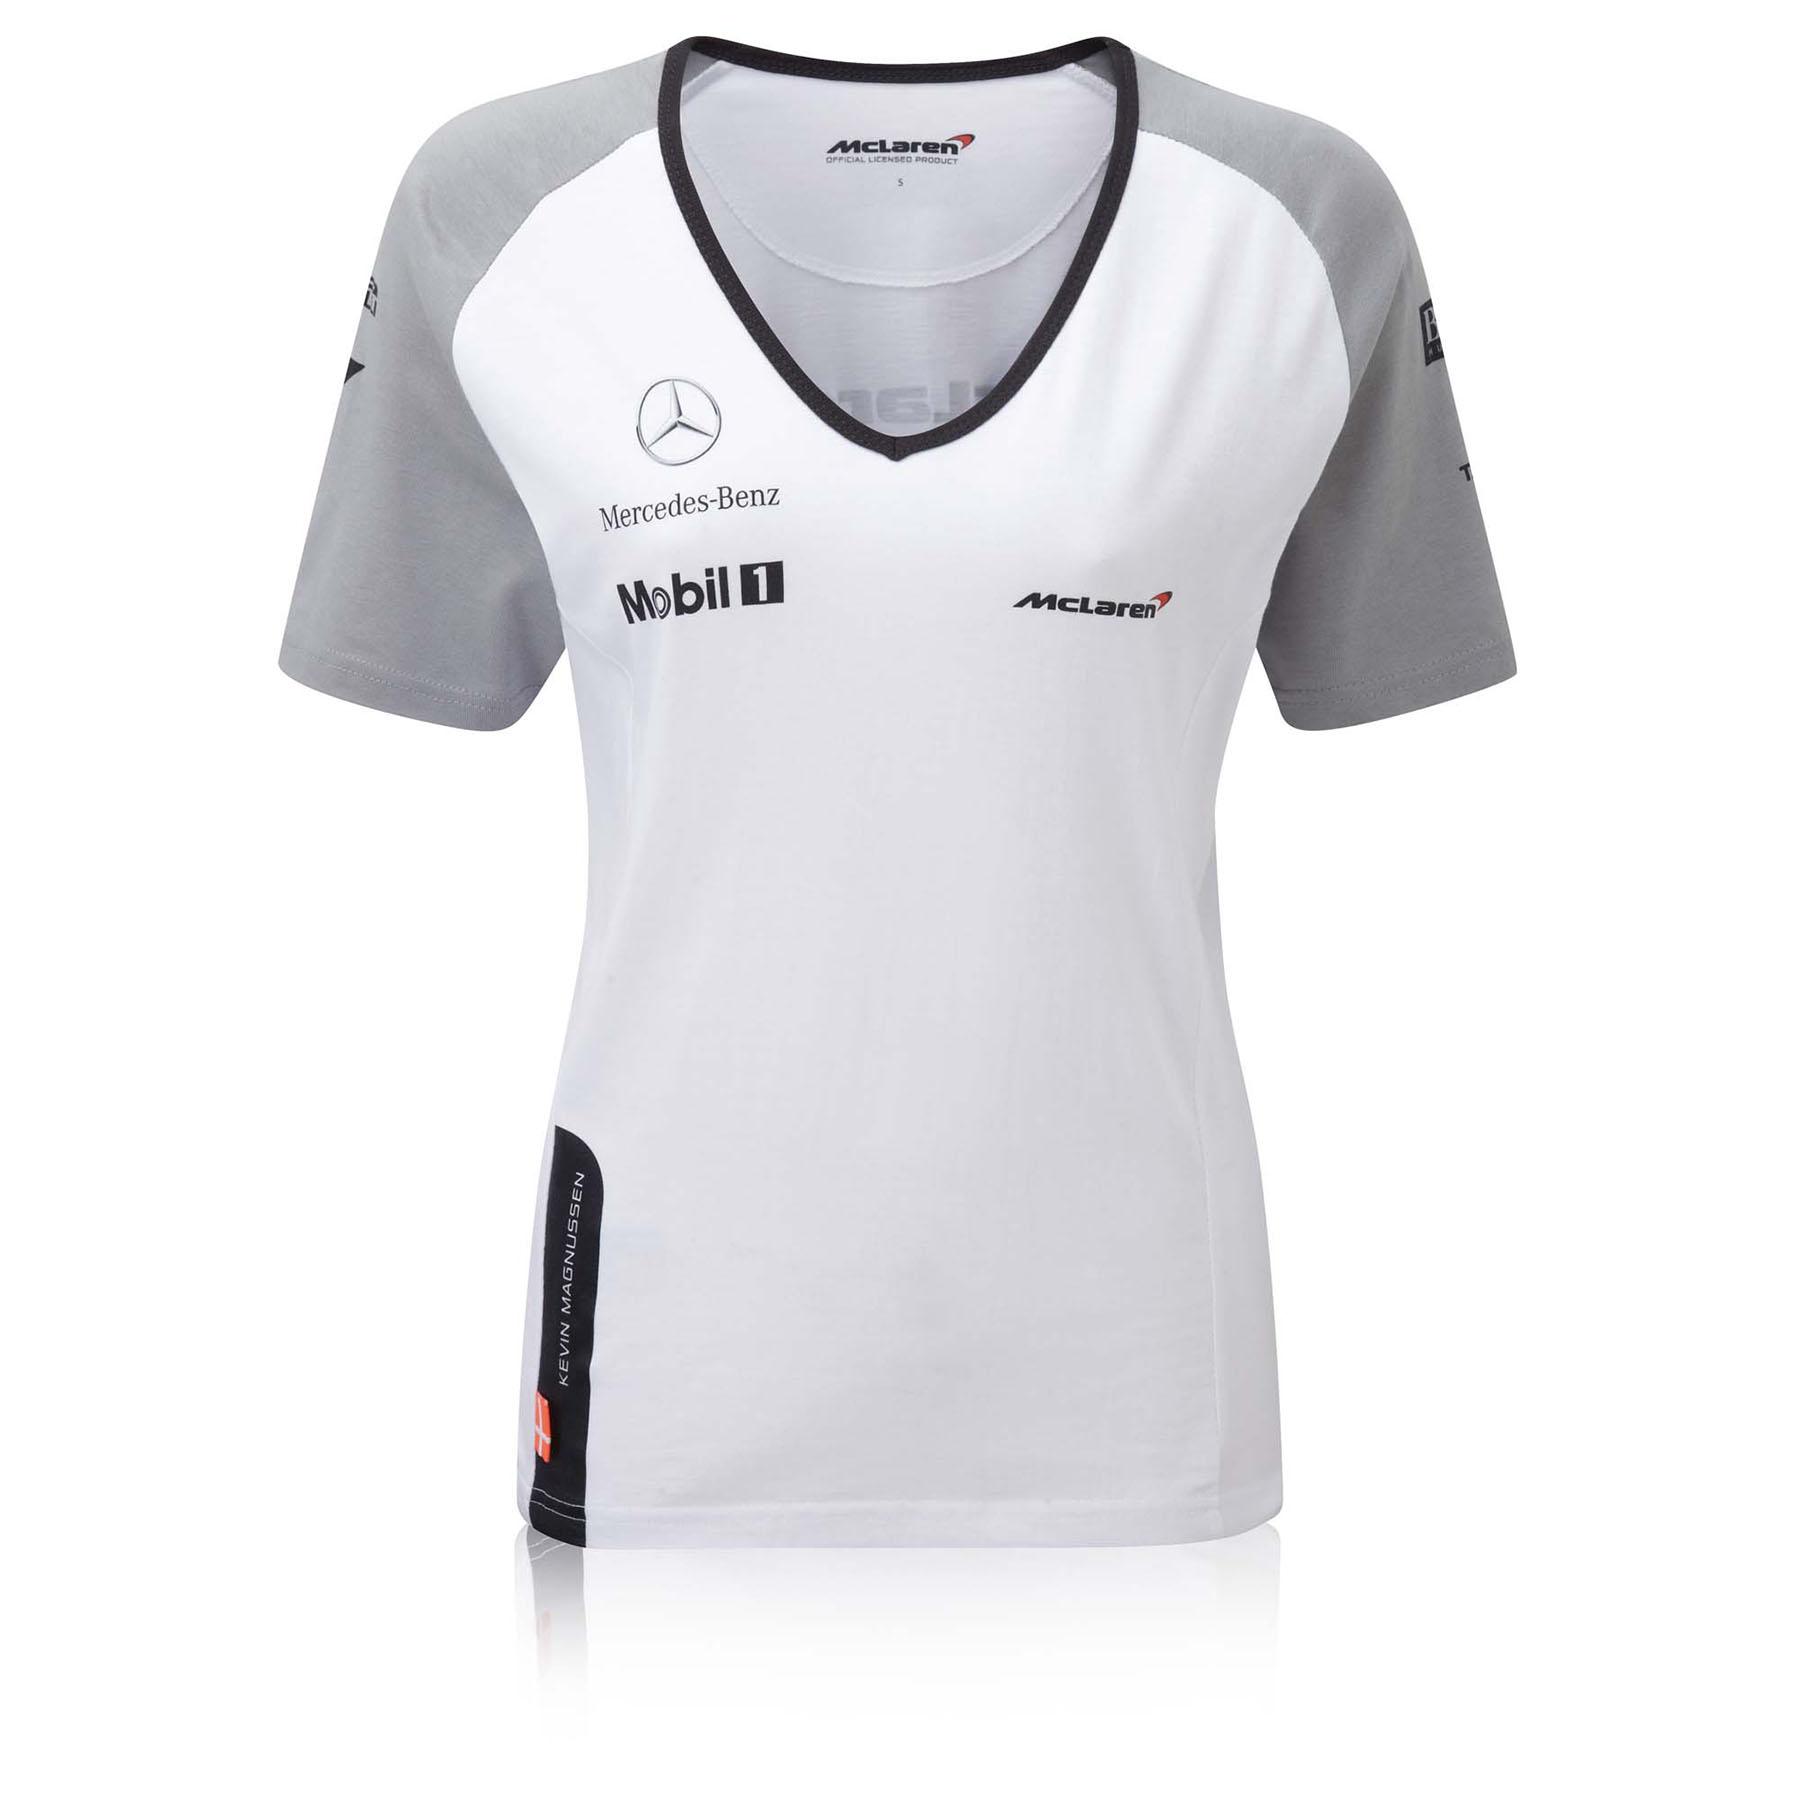 McLaren Mercedes Kevin Magnussen Team T-Shirt - Womens